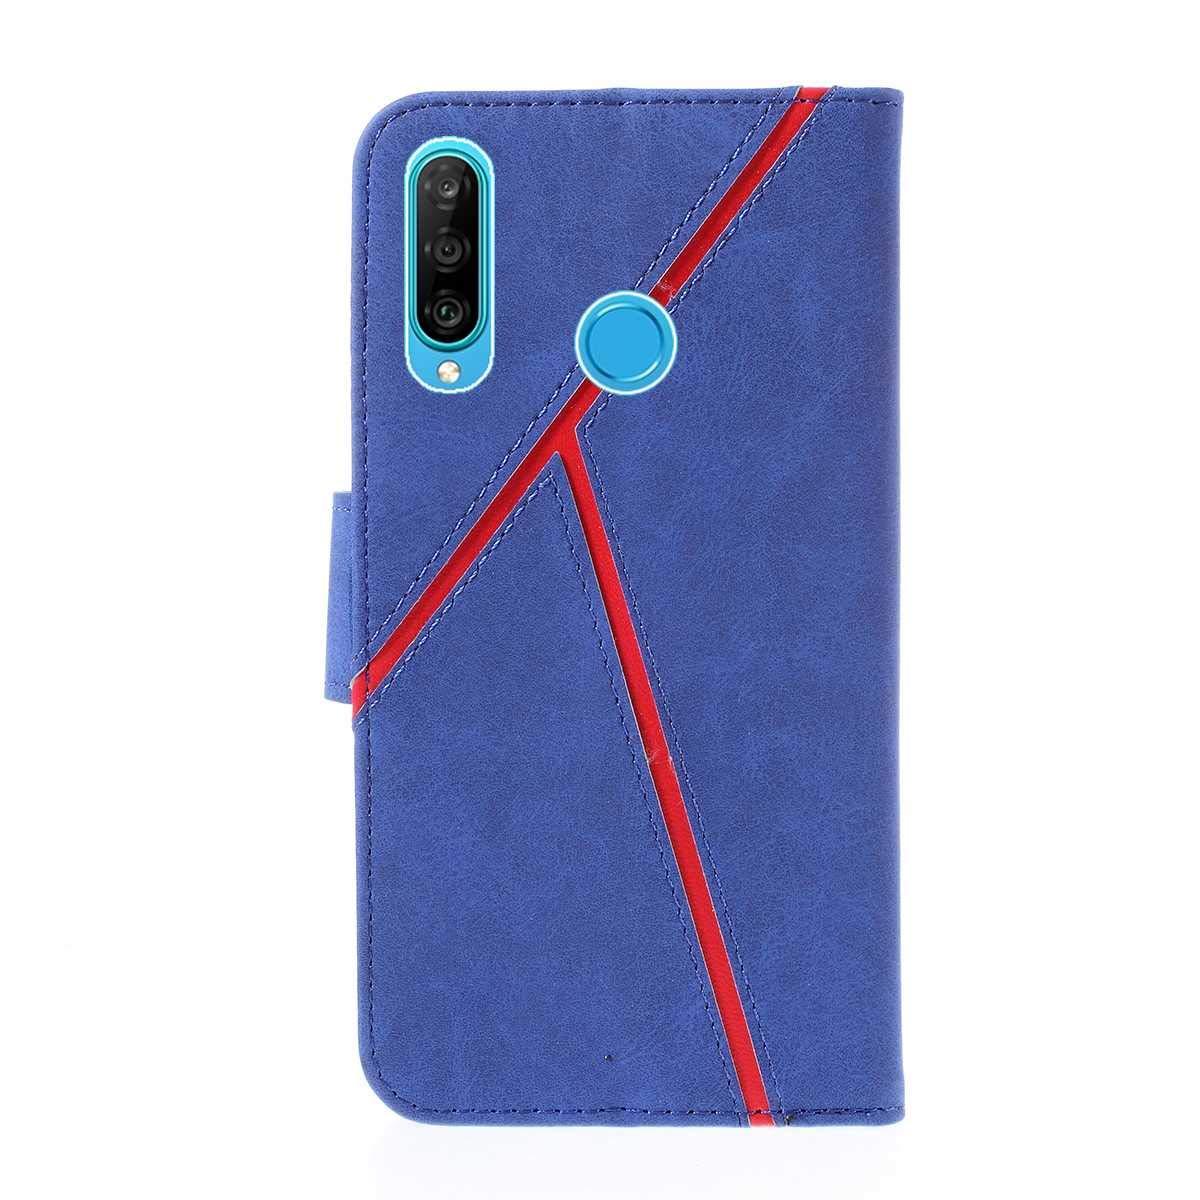 Huawei P30 Lite H/ülle Schlanke Kratzfestes Sto/ßfest H/ülle f/ür Huawei P30 Lite mit St/änder Funktion Blau SONWO Premium Retro PU Leder Wallet Flip Schutzh/ülle